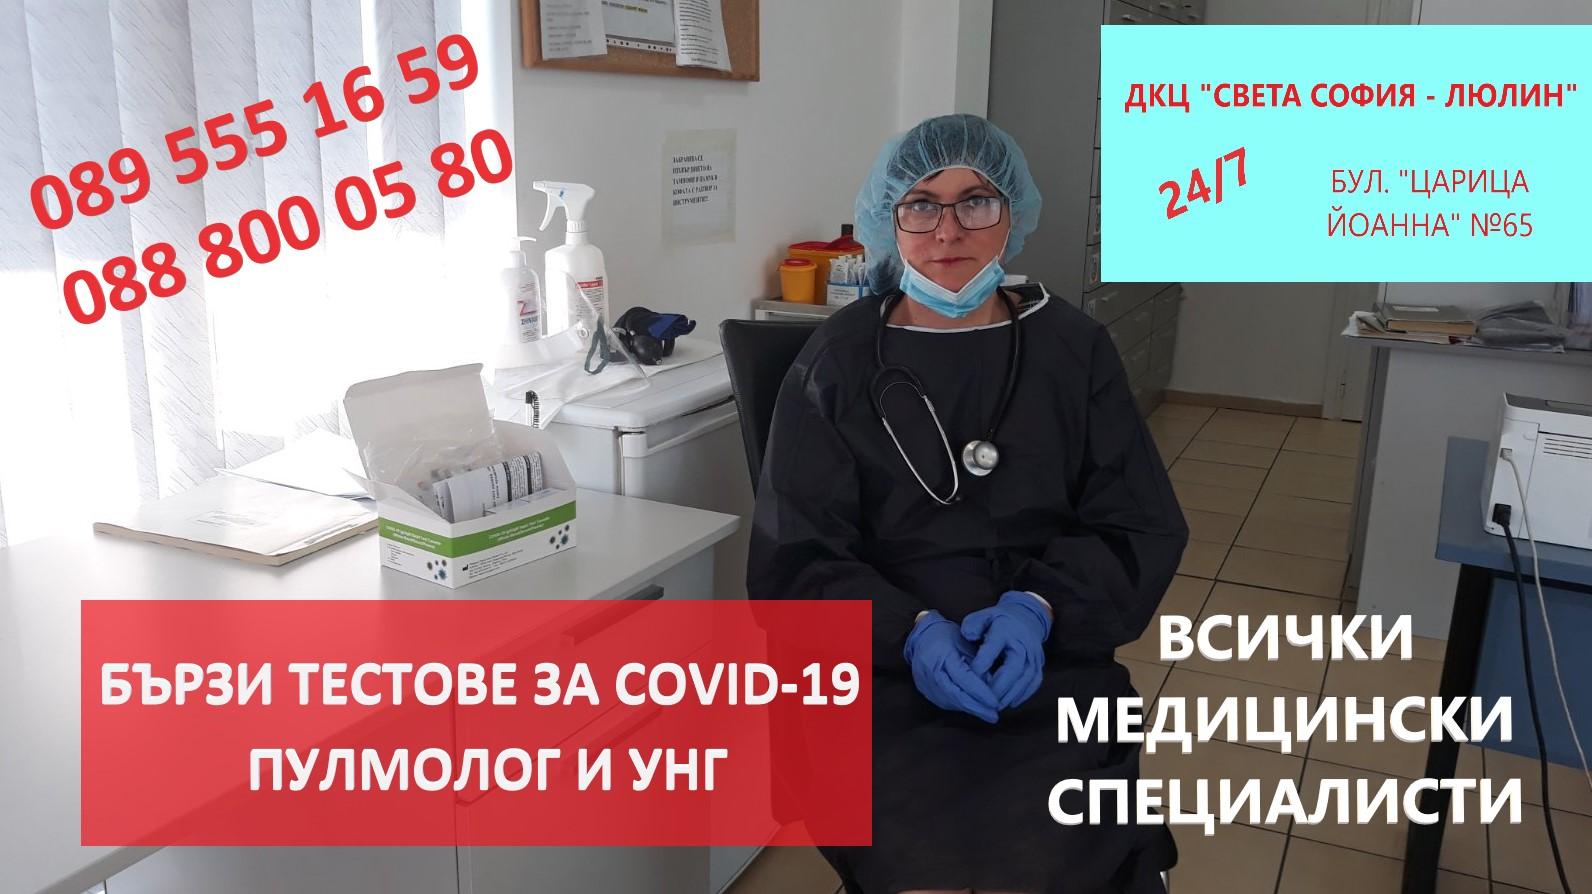 """24/7 неотложна помощ в ДКЦ """"Света София-Люлин""""!"""